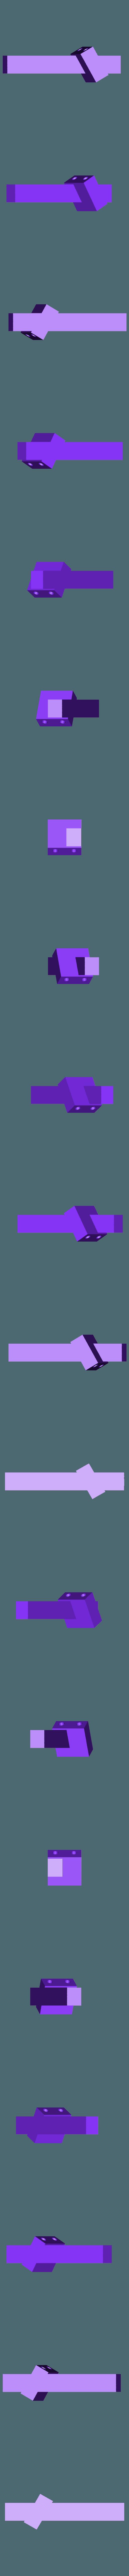 foot_left.stl Télécharger fichier SCAD gratuit Support pour ordinateur portable • Plan pour imprimante 3D, trg3dp